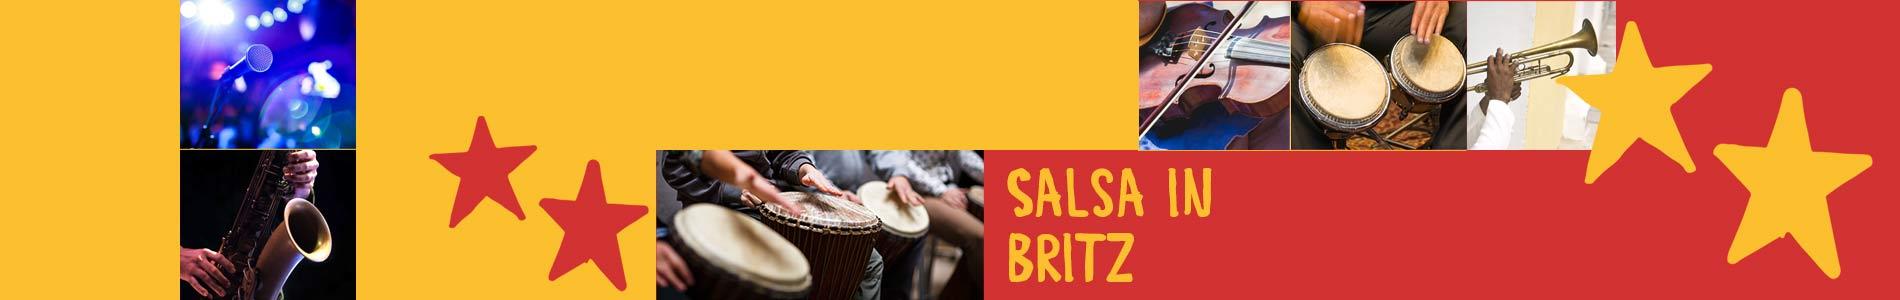 Salsa in Britz – Salsa lernen und tanzen, Tanzkurse, Partys, Veranstaltungen